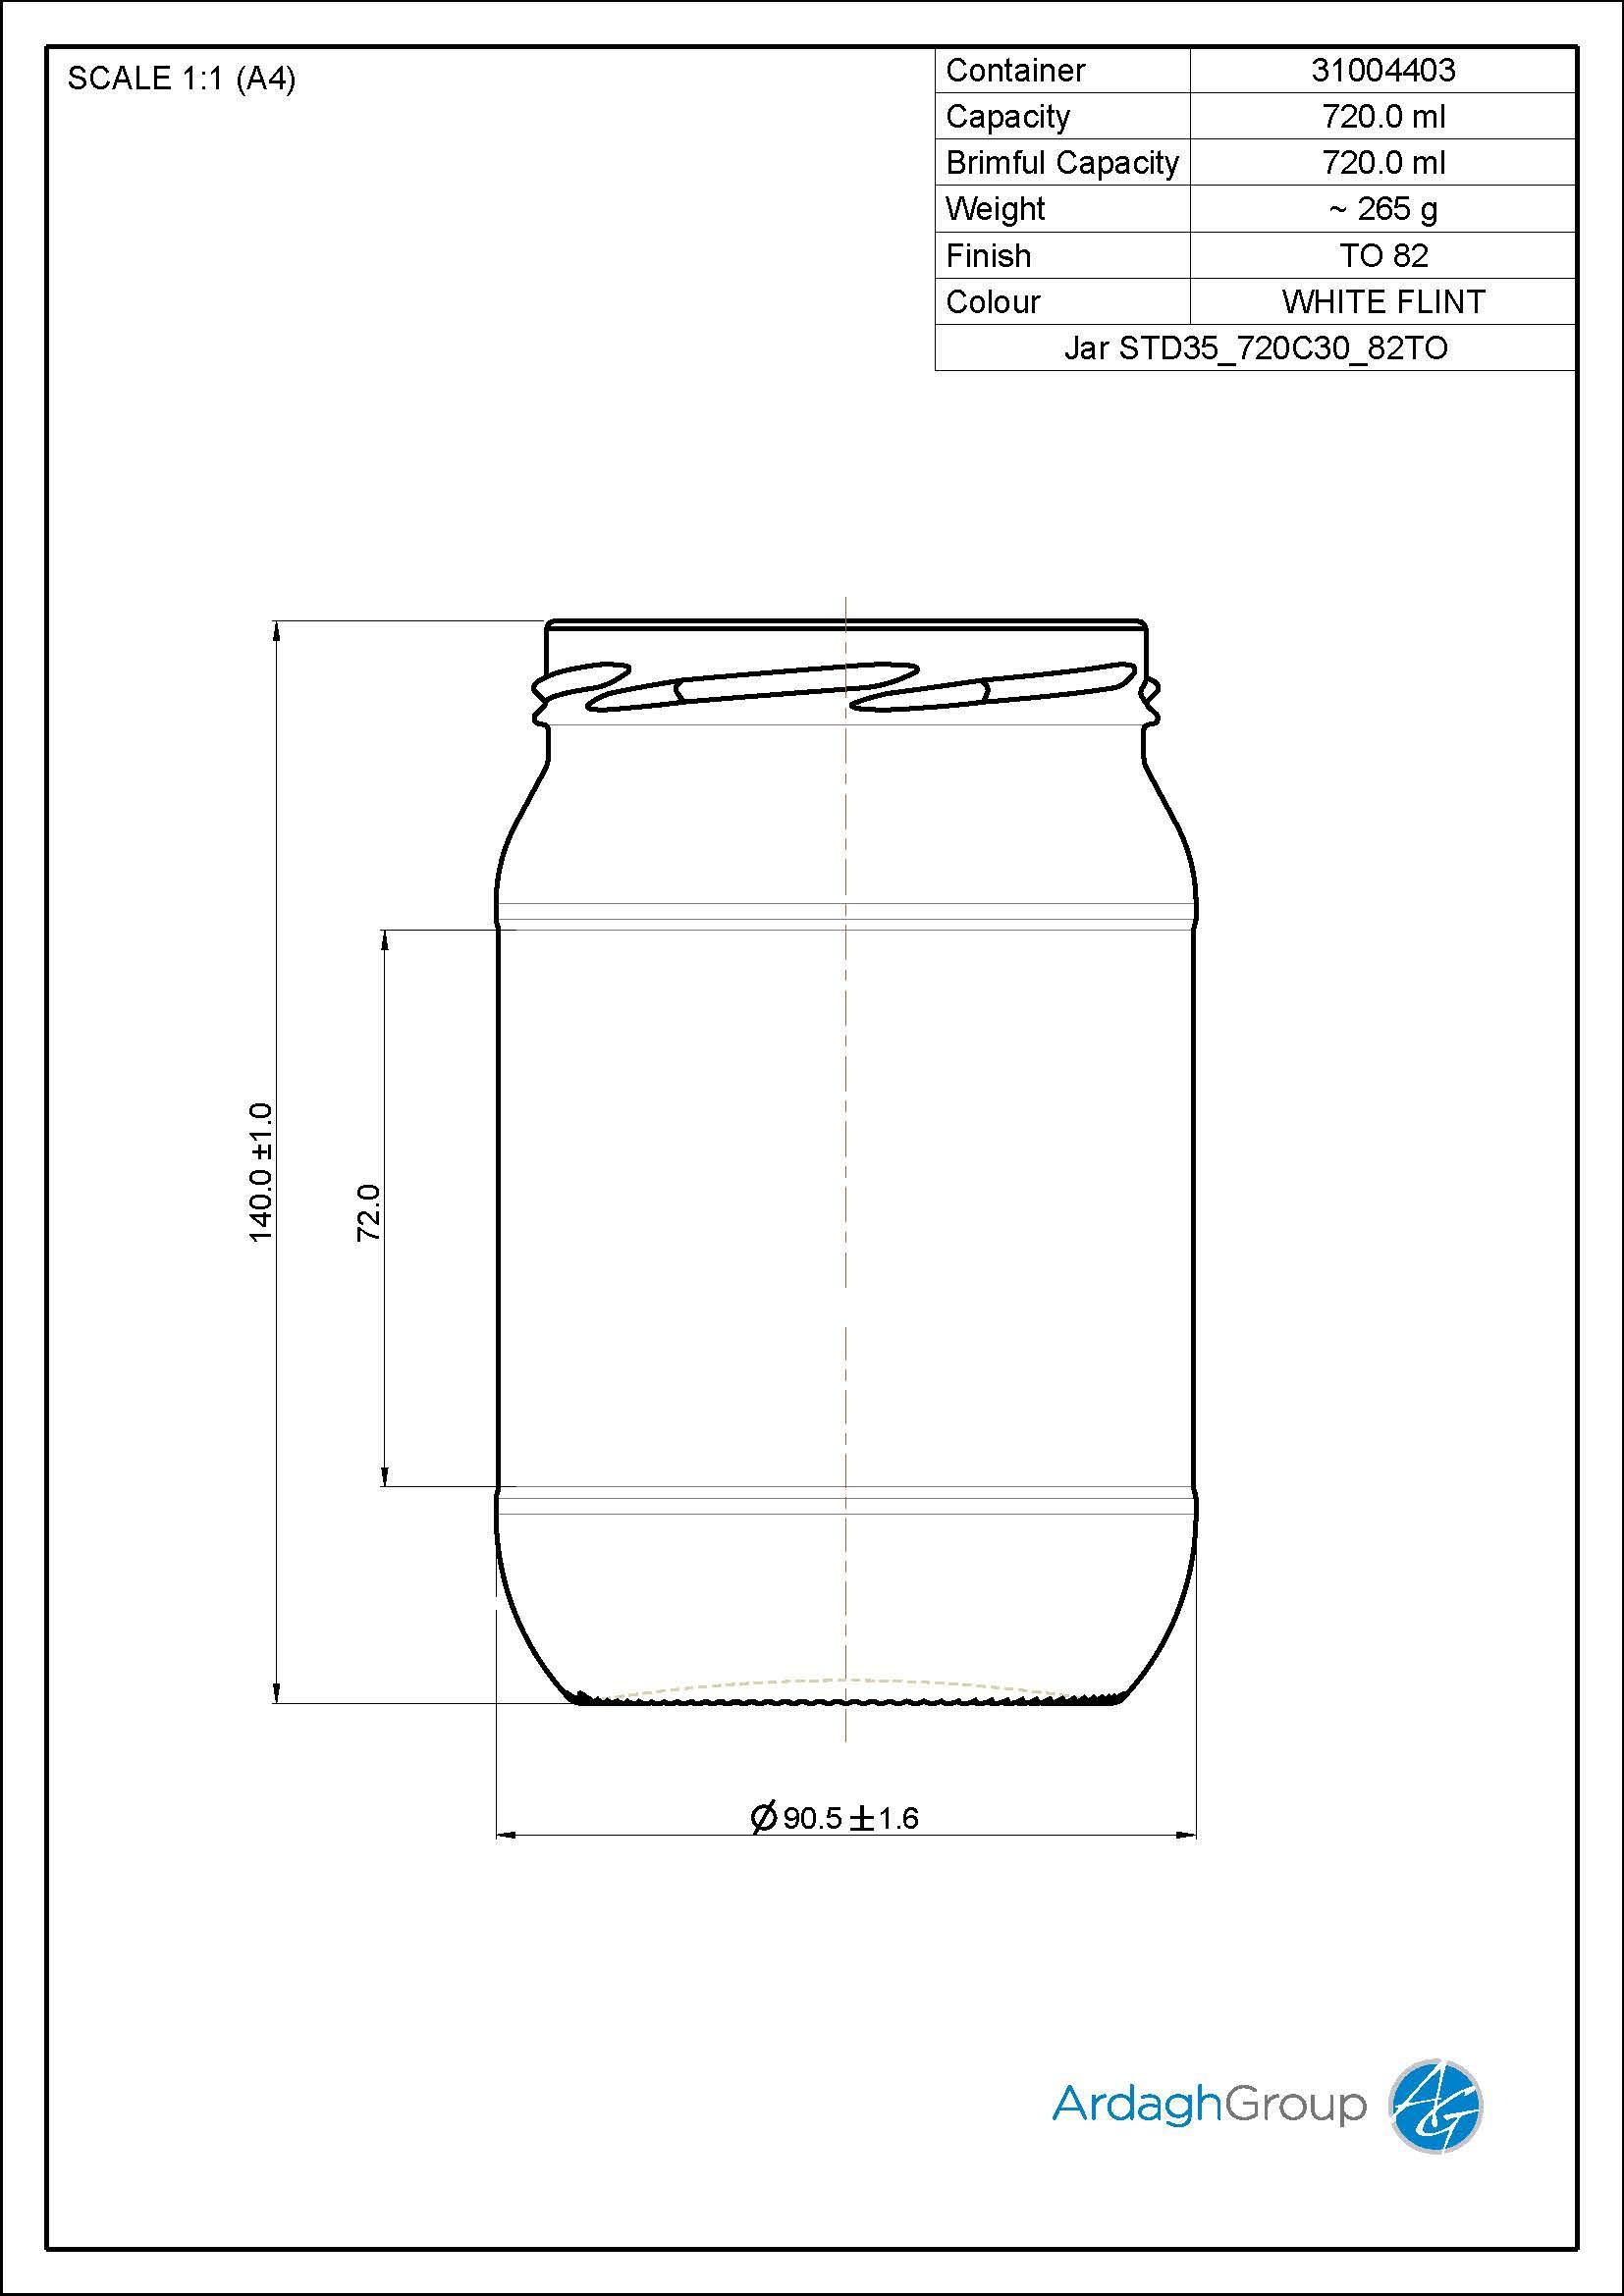 720ml Flint Glass Food Jar 31004403